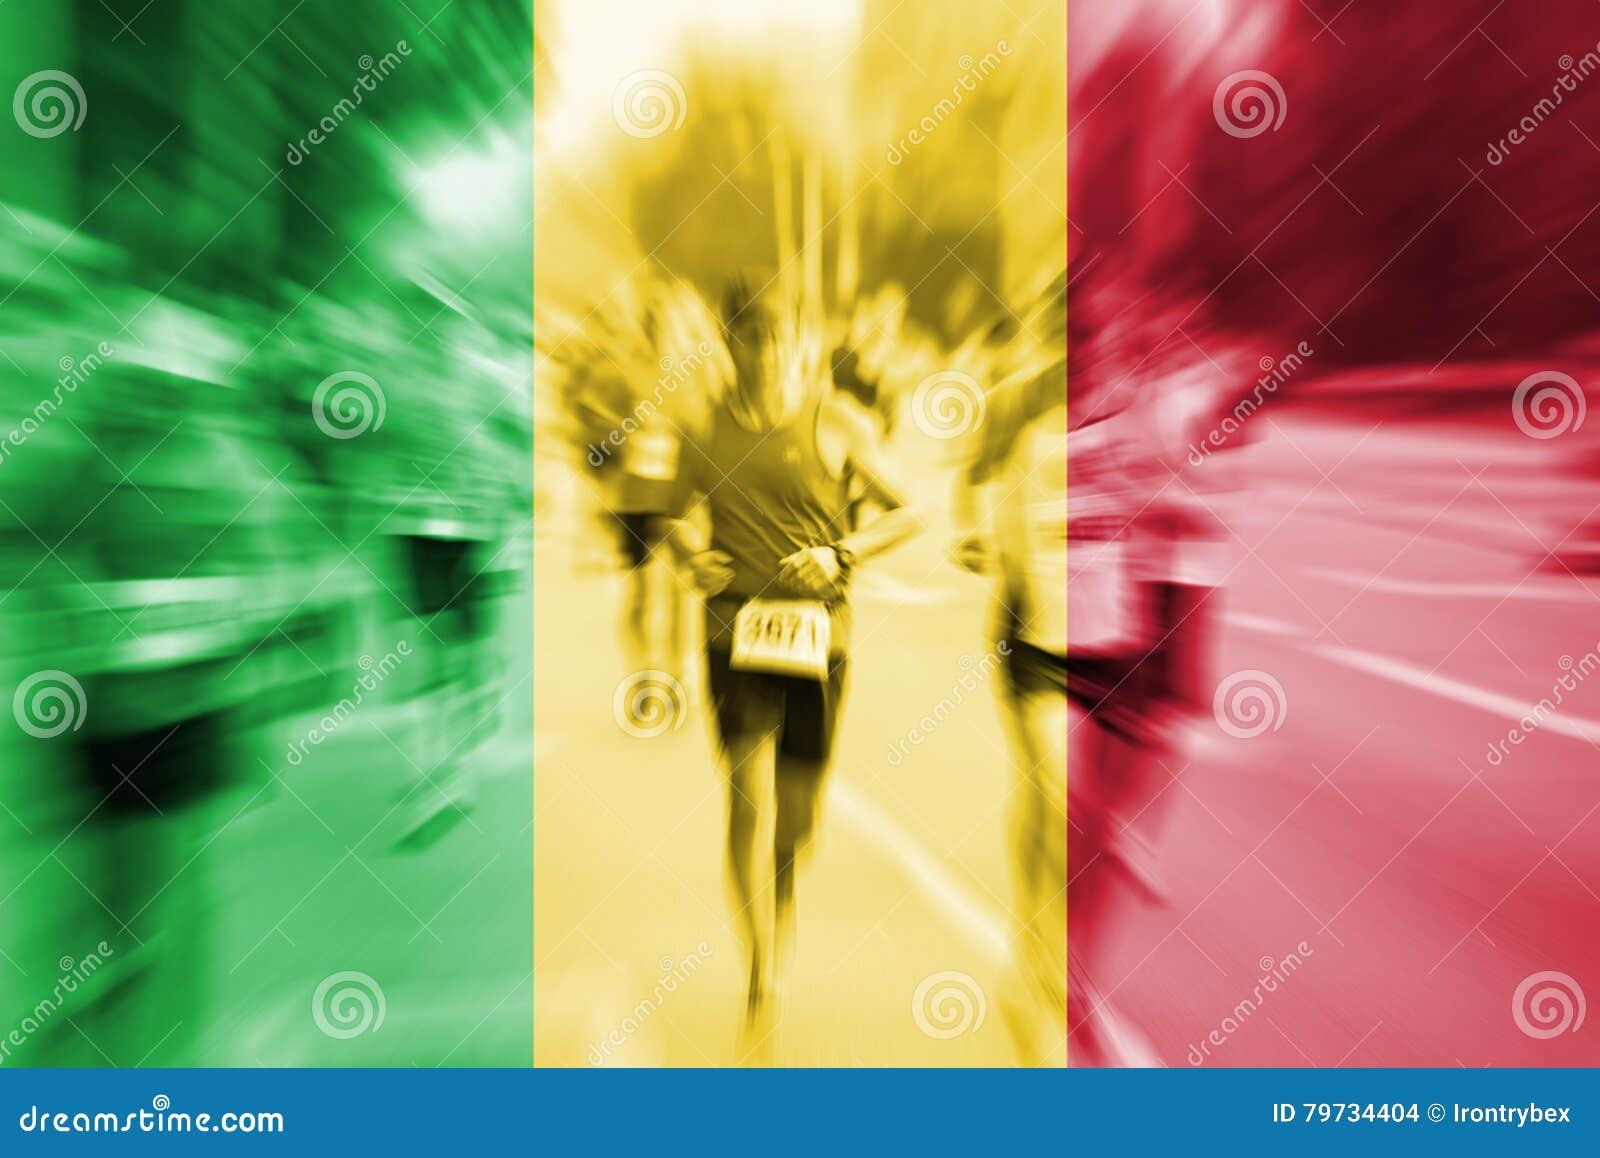 Falta de definición de movimiento del corredor de maratón con la mezcla de la bandera de Malí